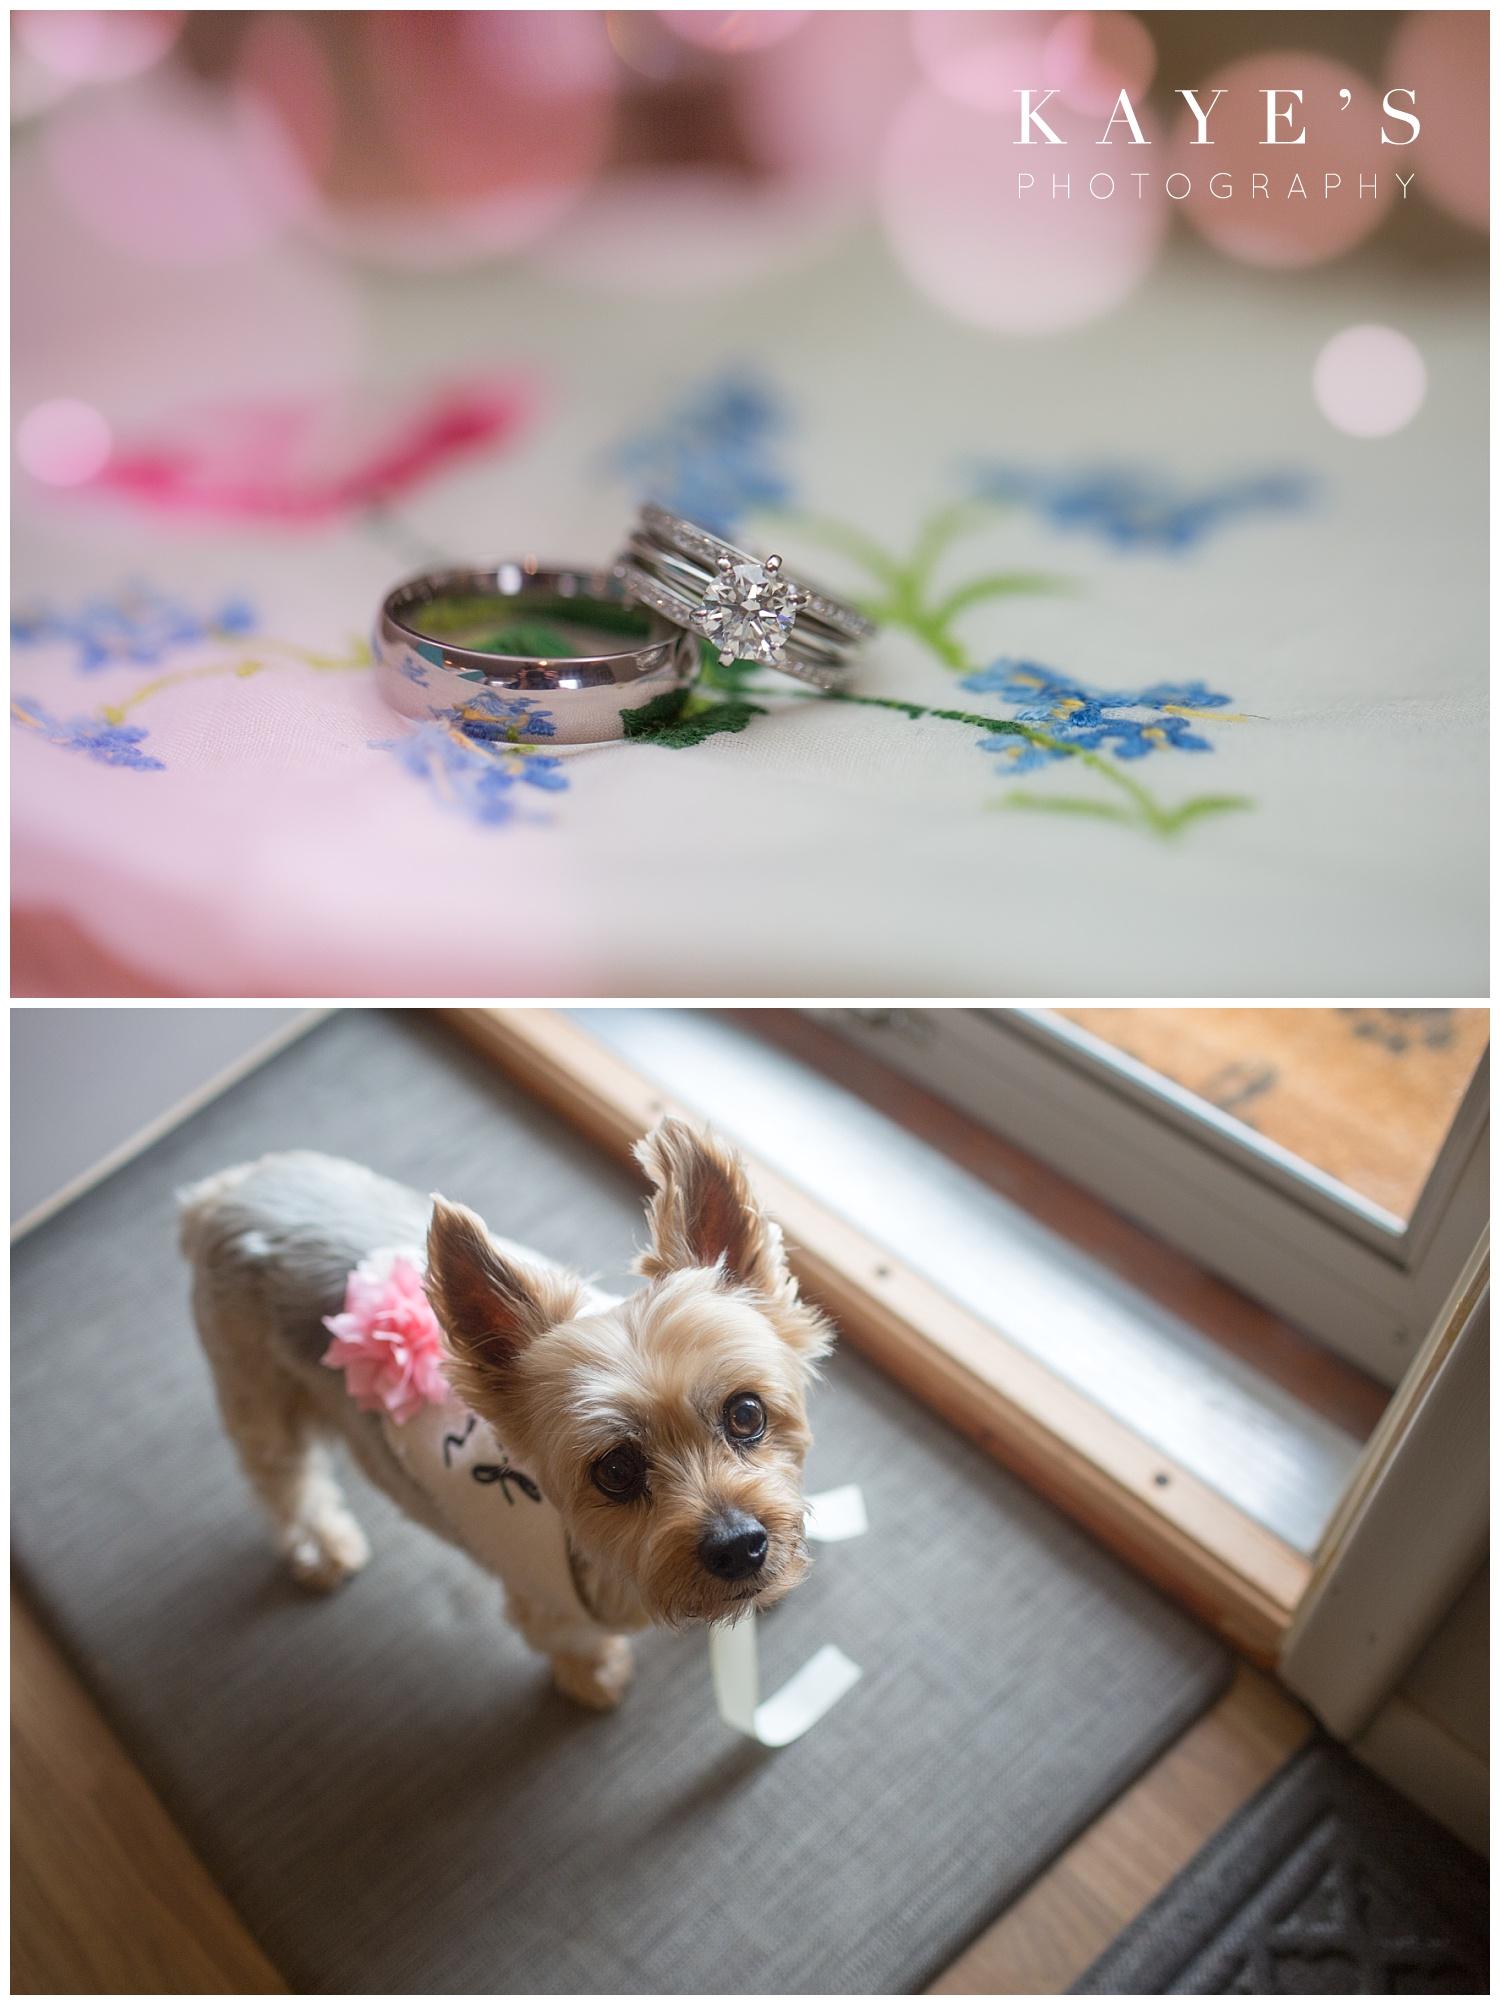 bride and groom wedding rings on hankerchief